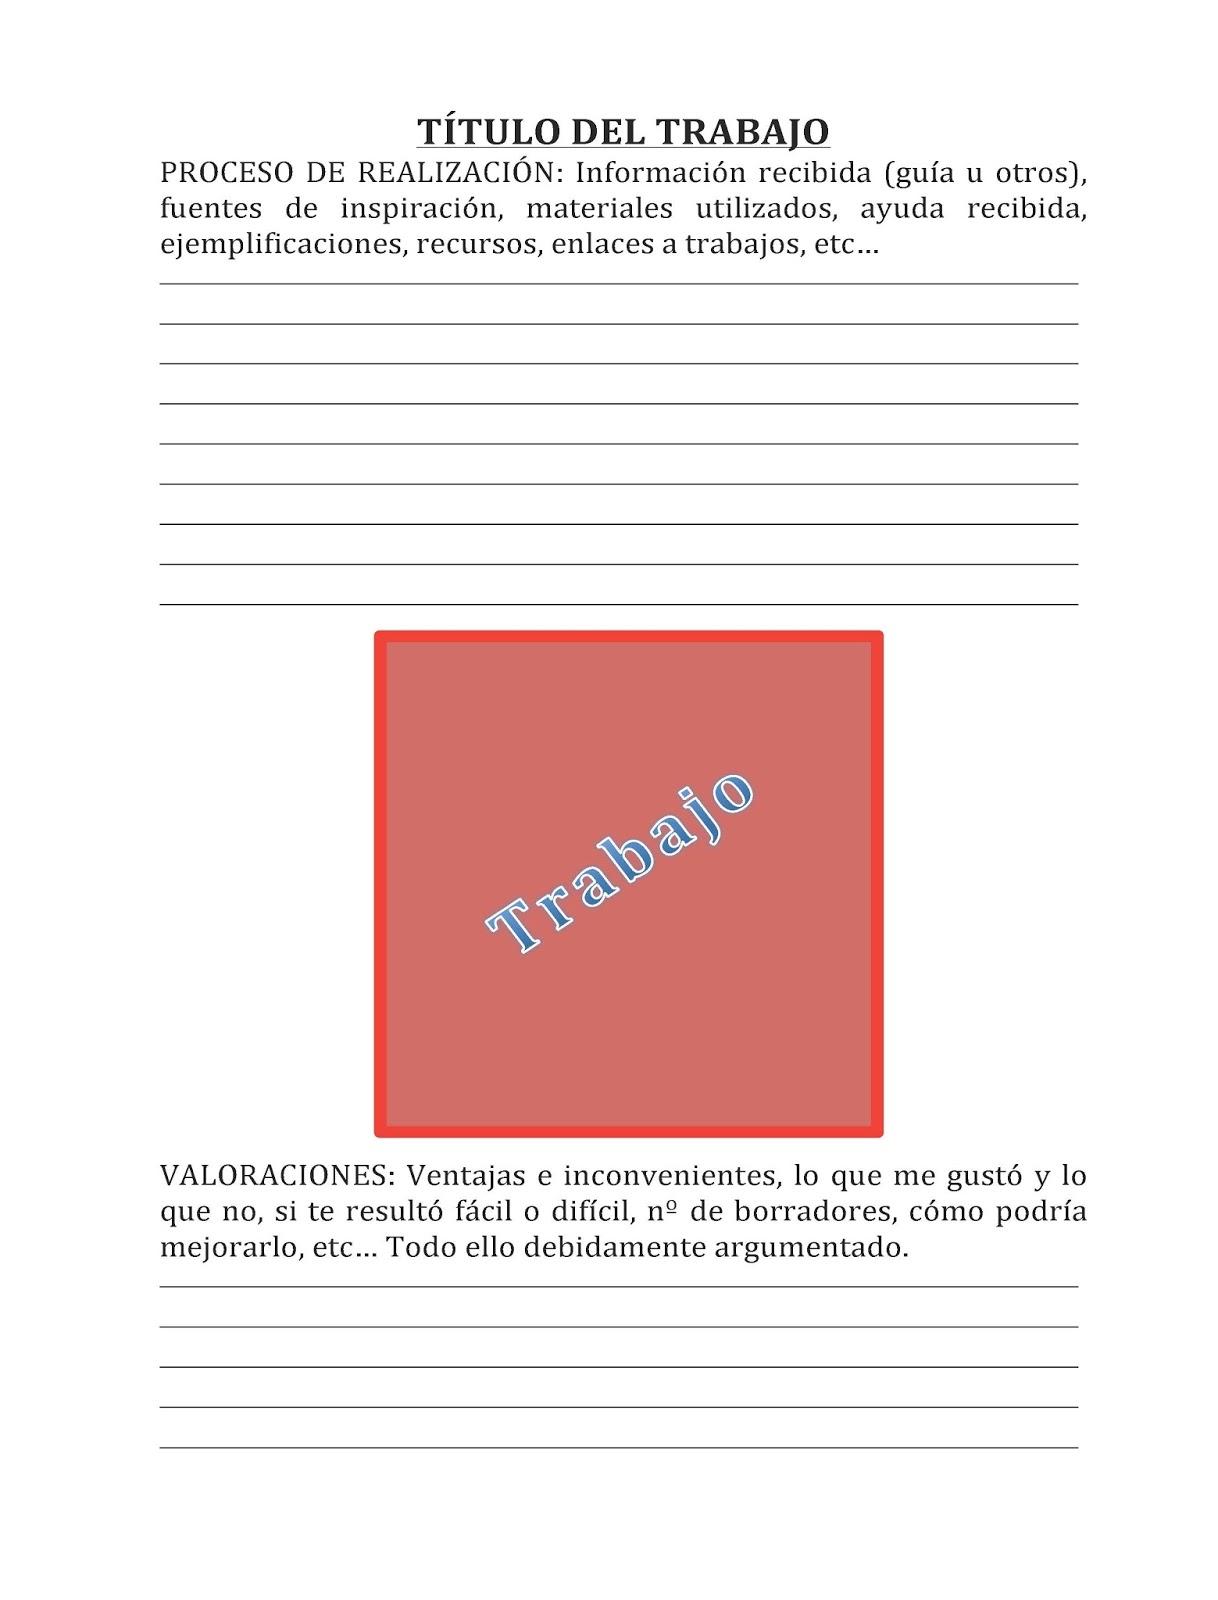 Blog educativo de Isidro Rodríguez Pulido: Portfolio y su defensa